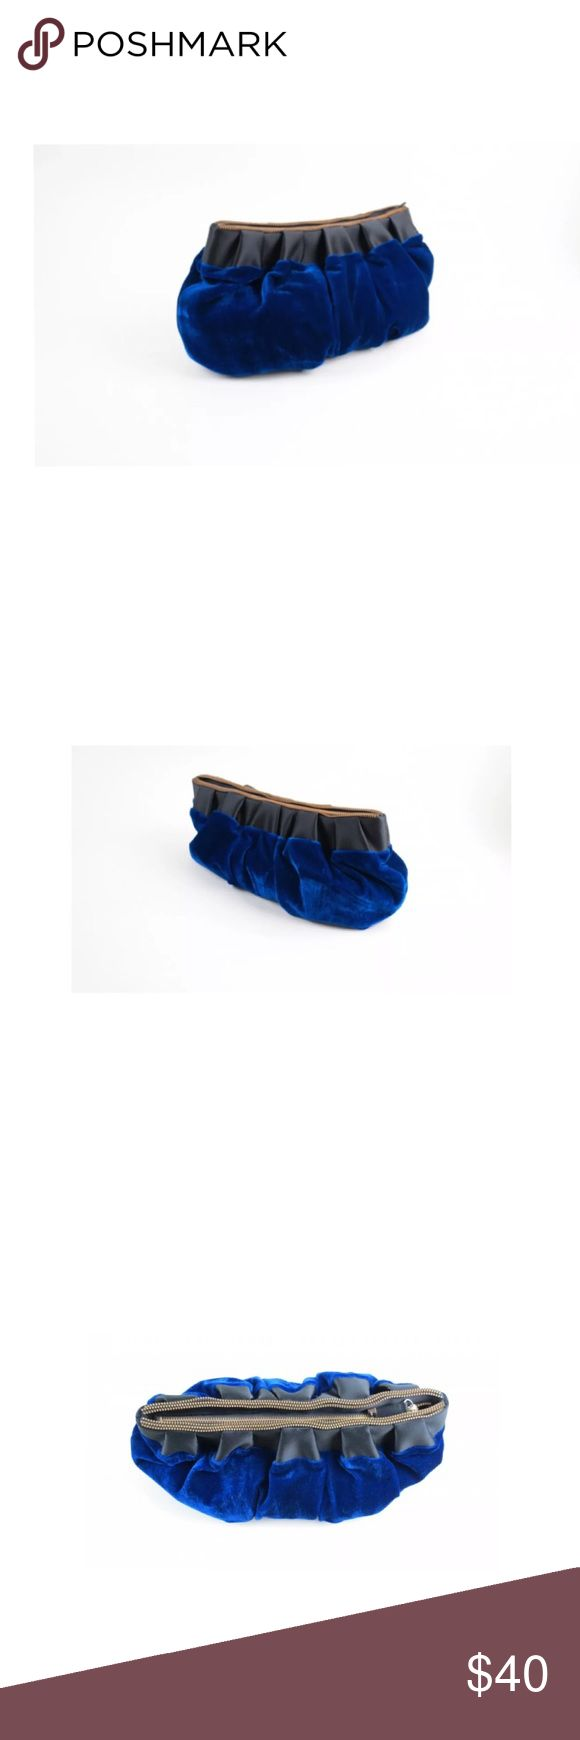 """Reiss blue velvet clutch bag Condition: Excellent.  15"""" L x 7.5"""" H. Reiss Bags"""